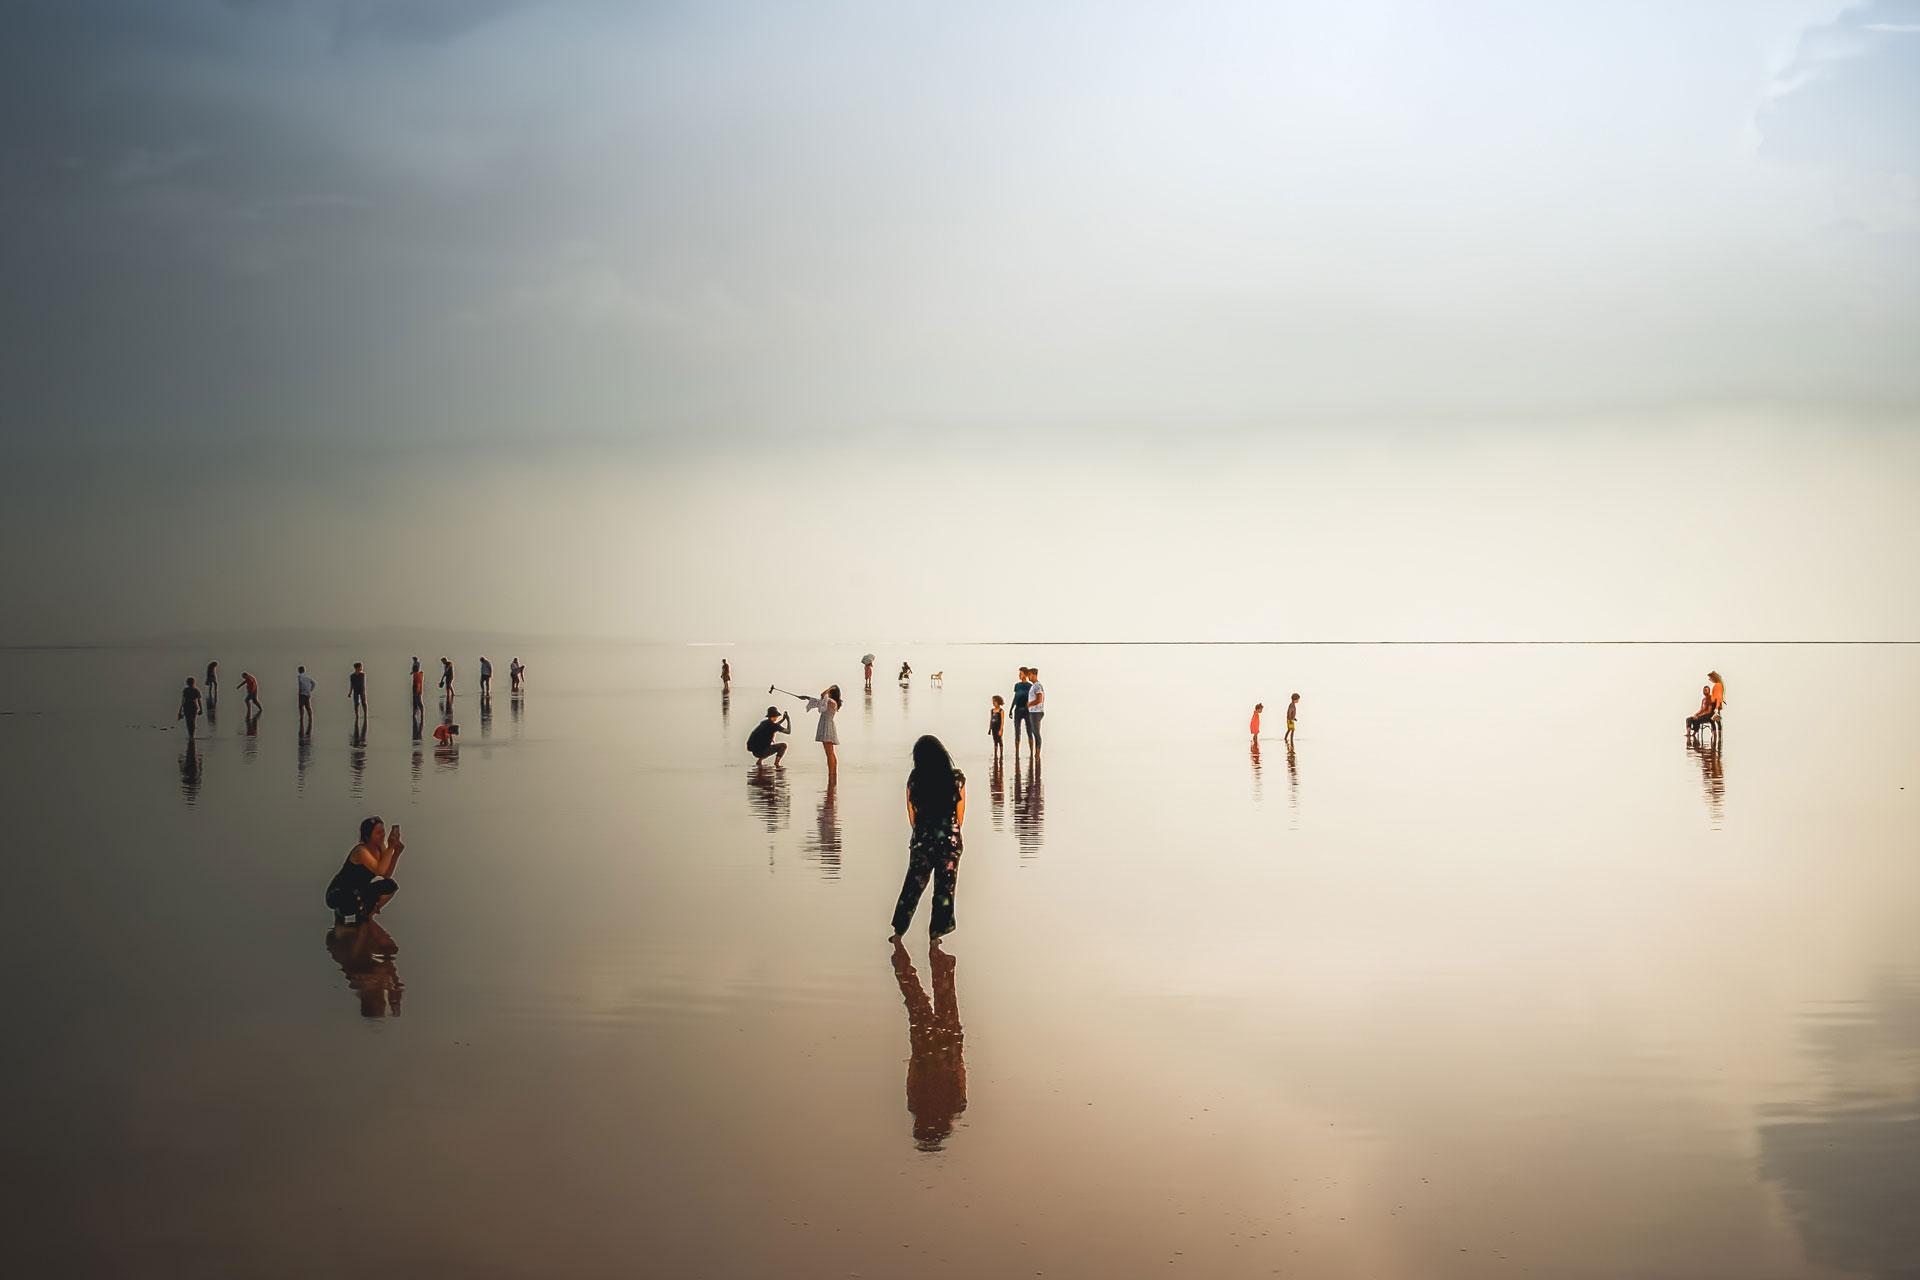 Tuz Gölü Fotoğrafları Tuz gölü resimleri Sunset Gün batımı genel görünüm Çekergezer Hakan Aydın Fotoğrafları Tuz Gölü görselleri